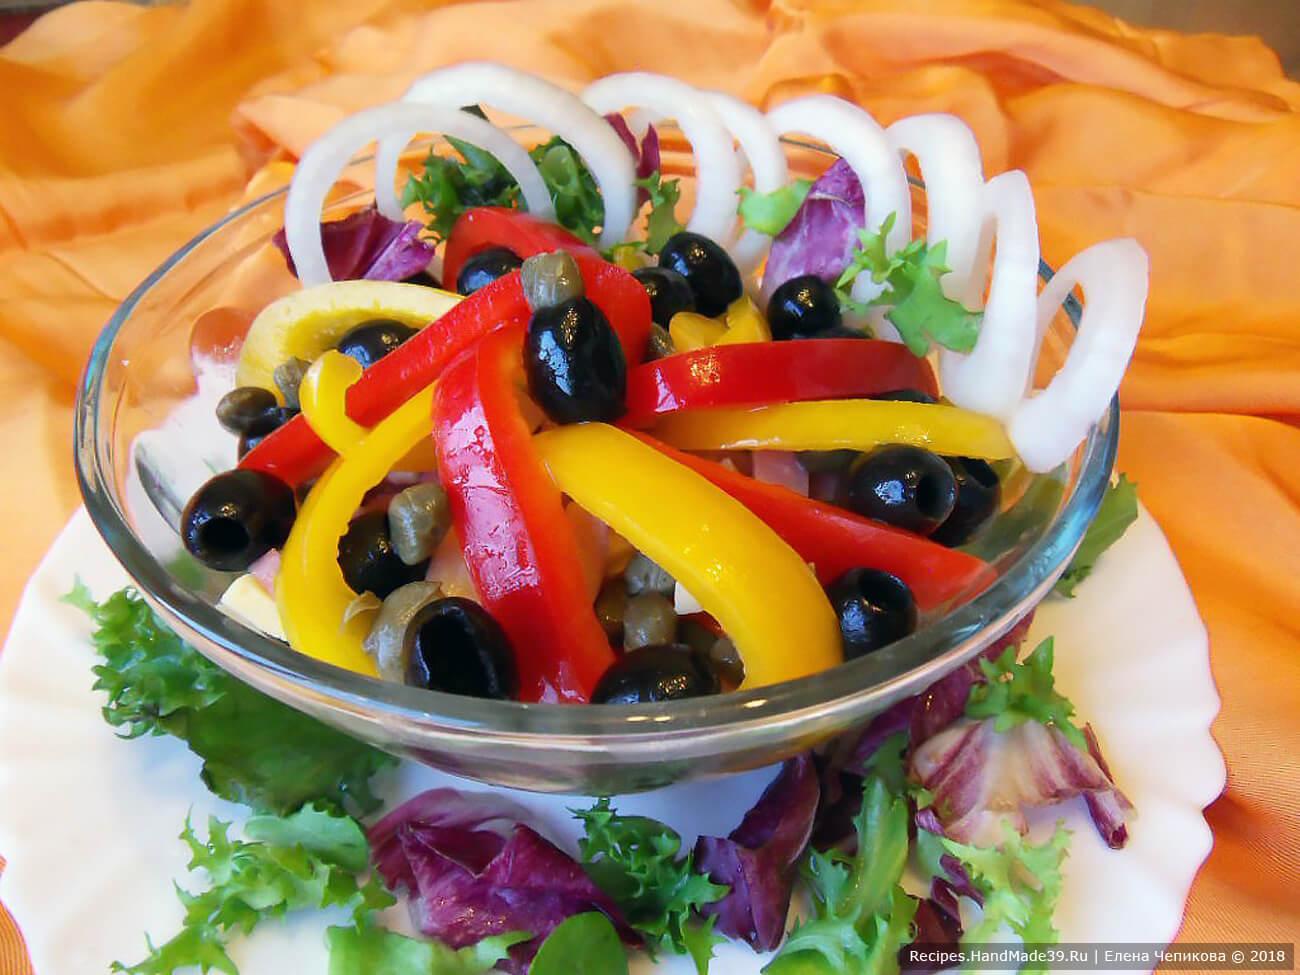 Заправить салат, украсить кольцами лука и зеленью. Приятного аппетита!